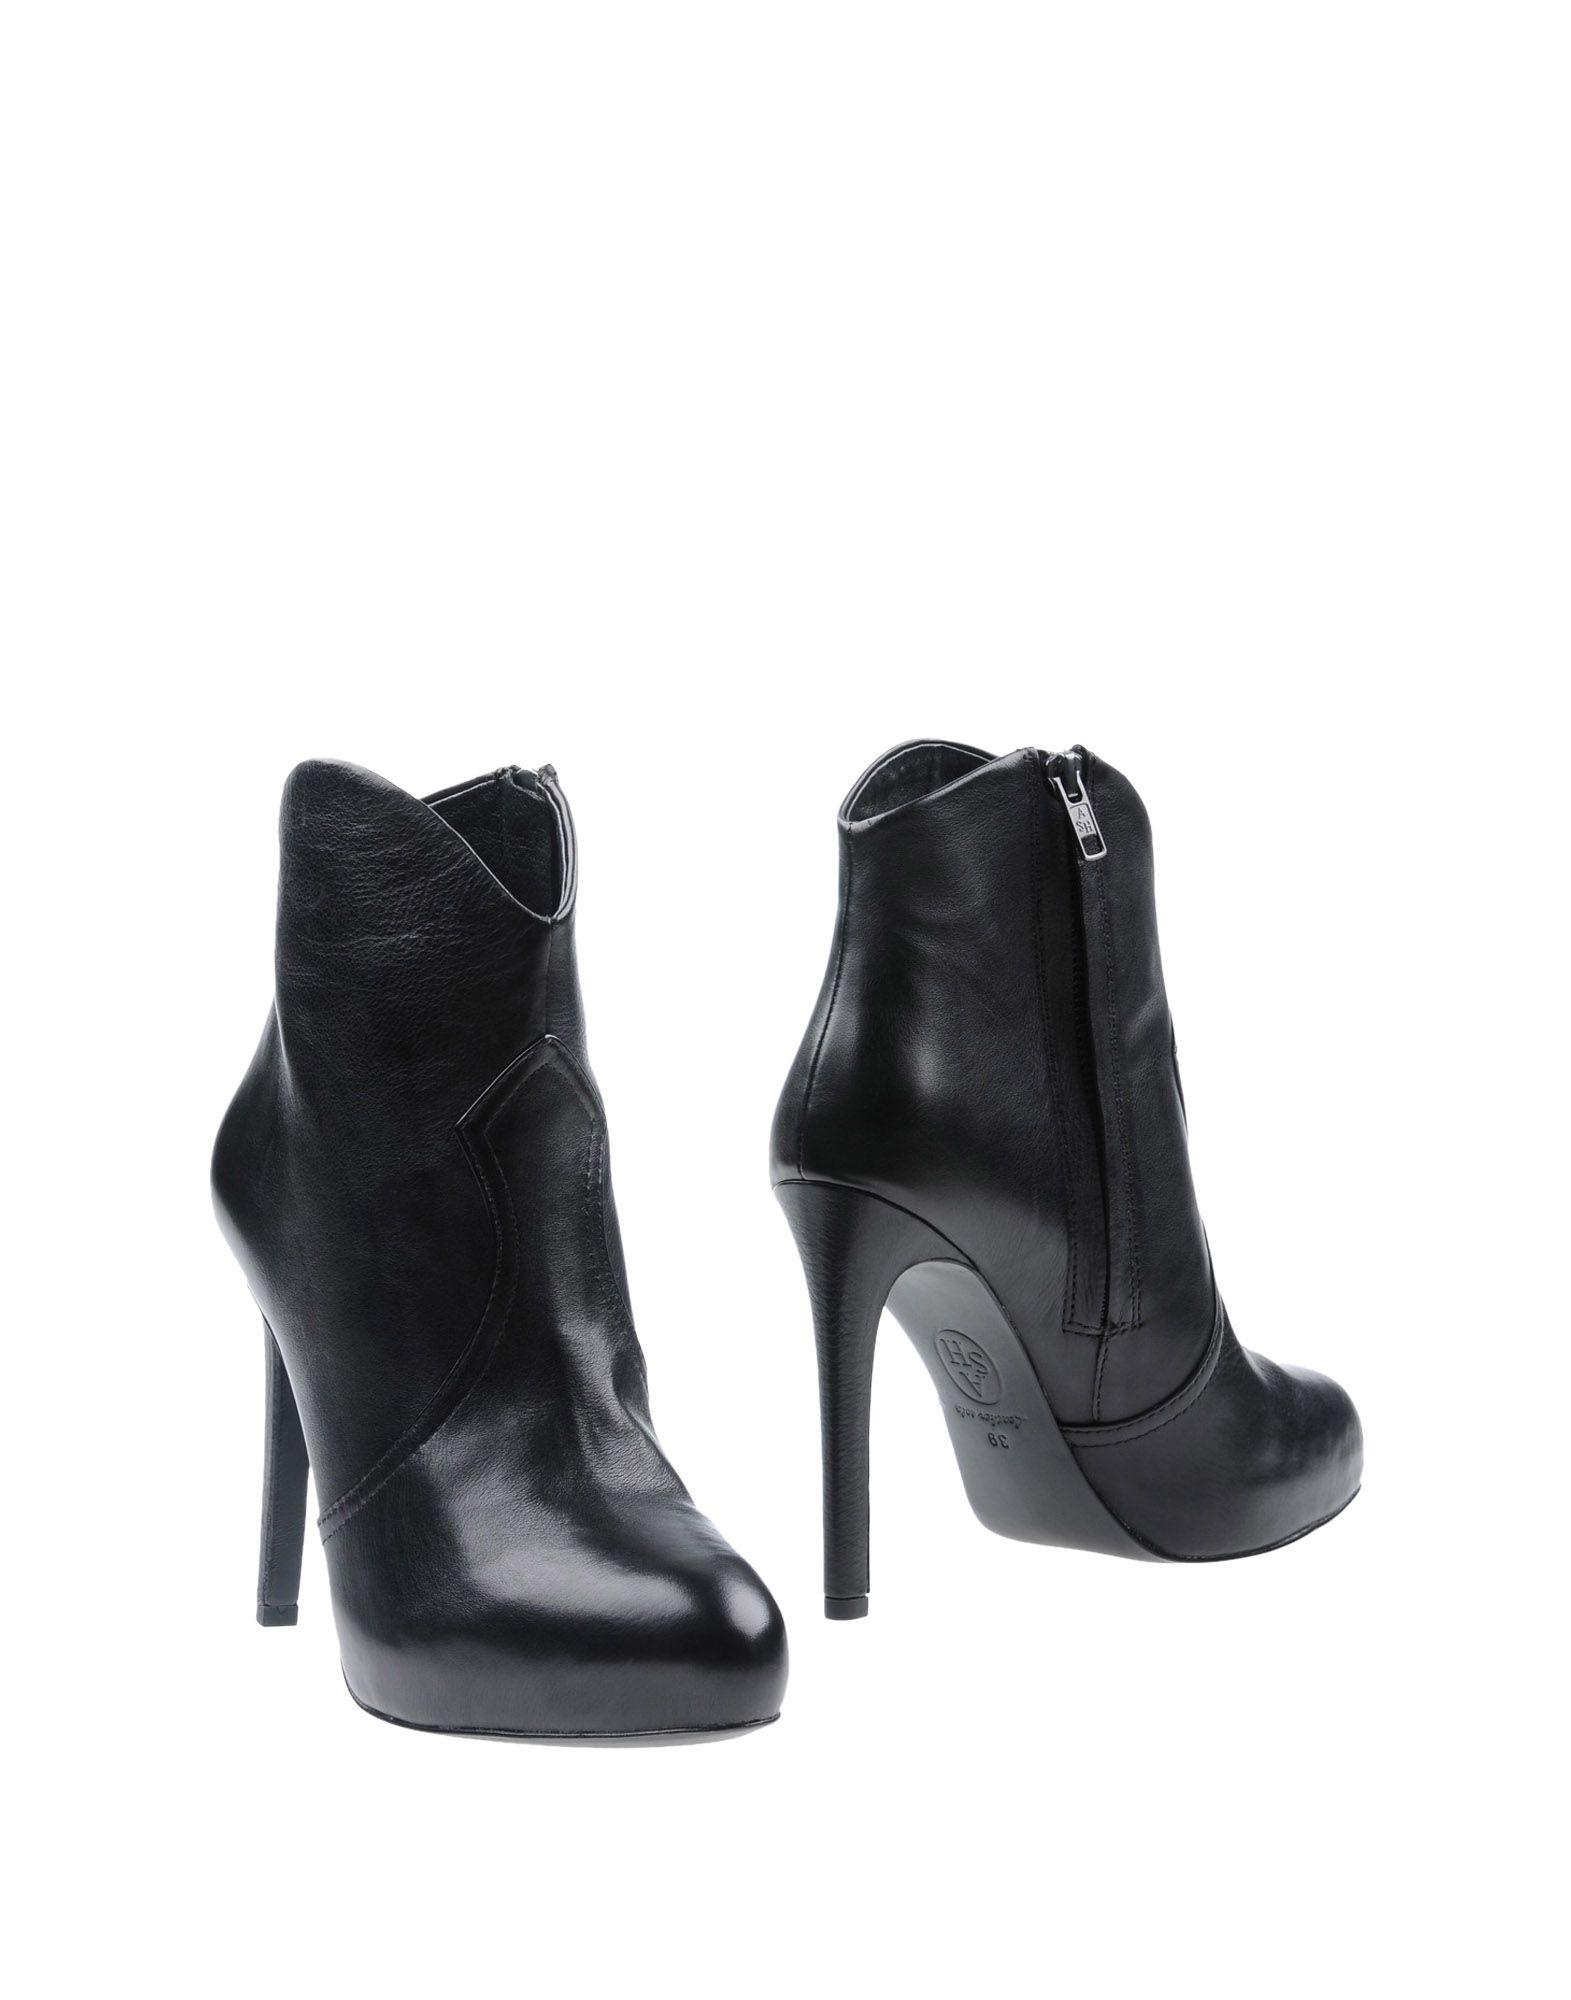 Ash Schuhe Stiefelette Damen  11341290CV Heiße Schuhe Ash 0169f8